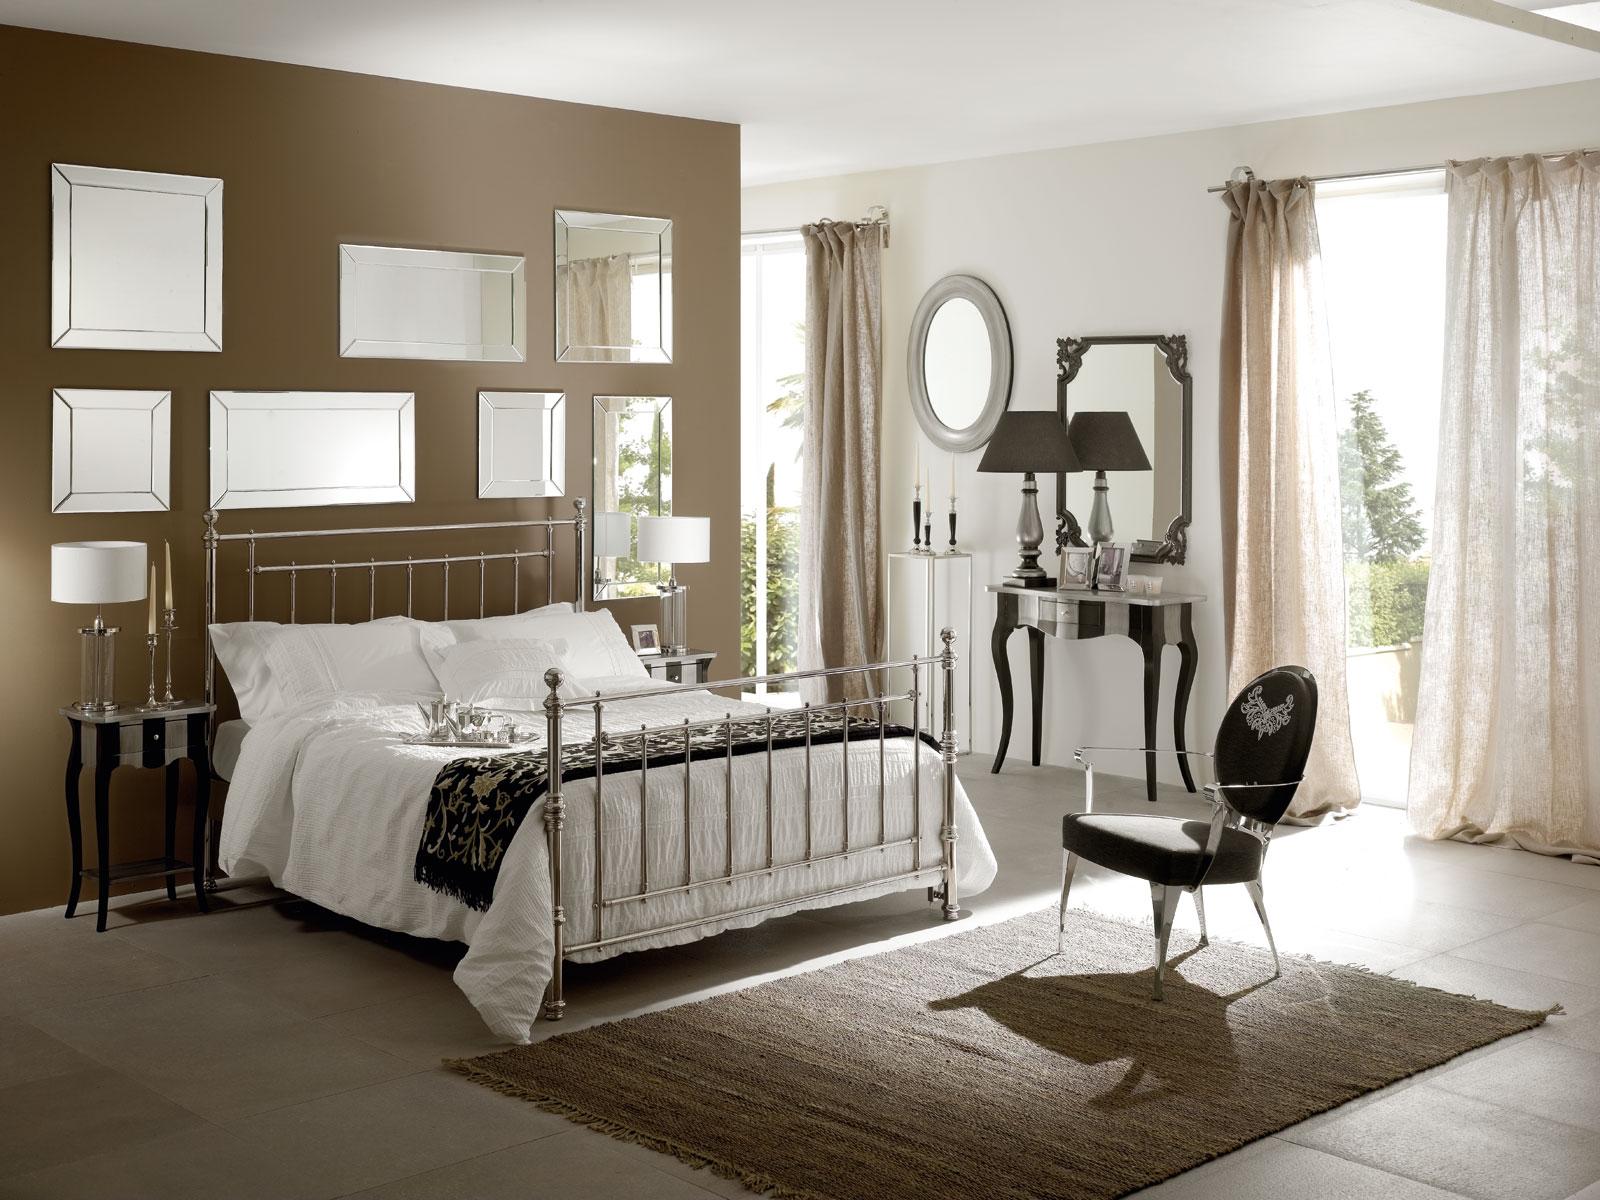 chambre-romantique-deco-decoration-de-maison